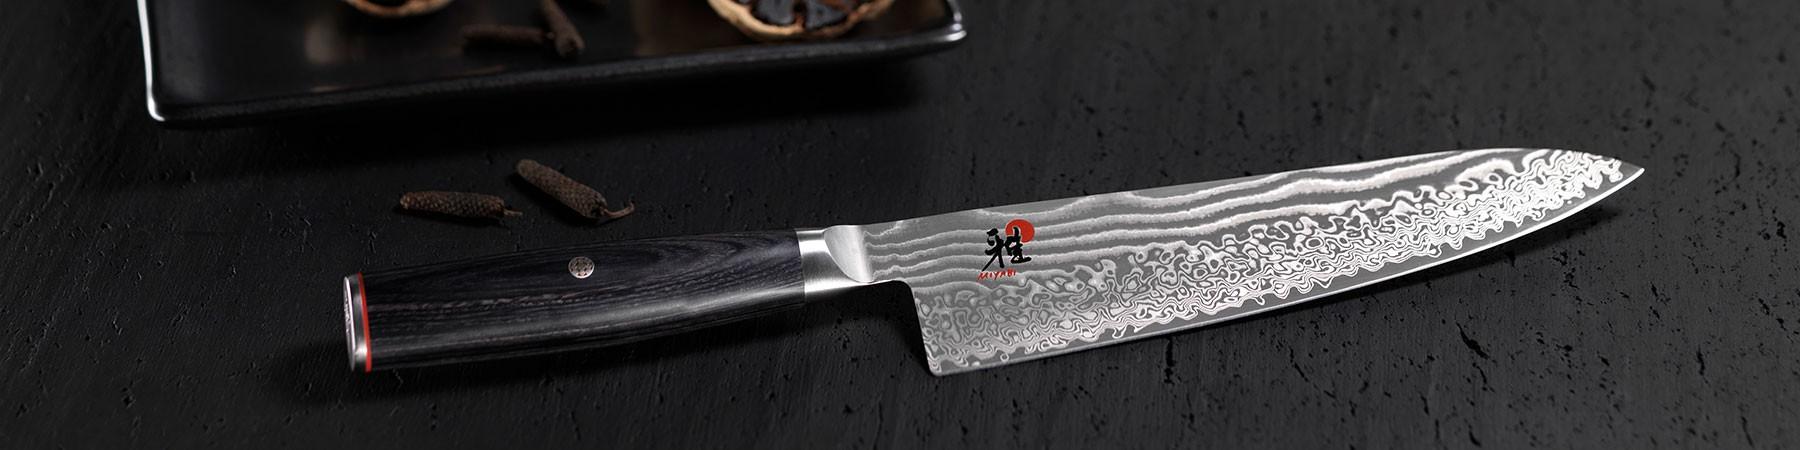 miyabi-knivar